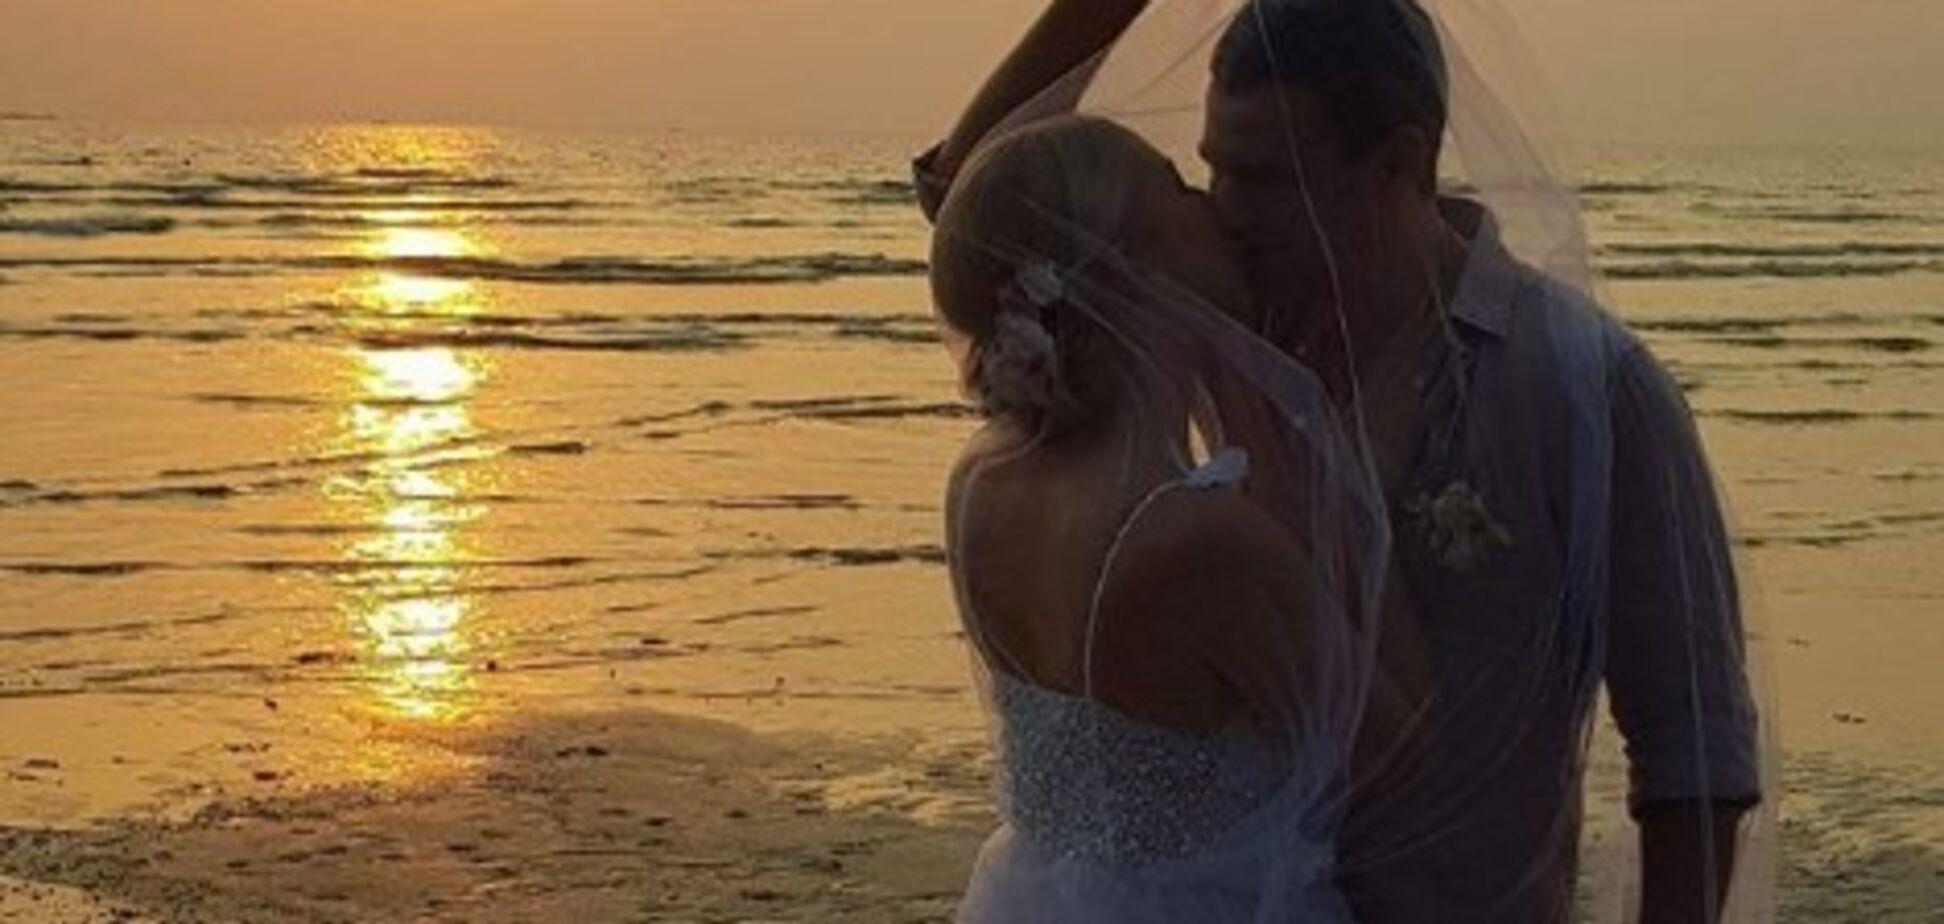 Матвиенко и Мирзоян сыграли еще одну свадьбу на островах